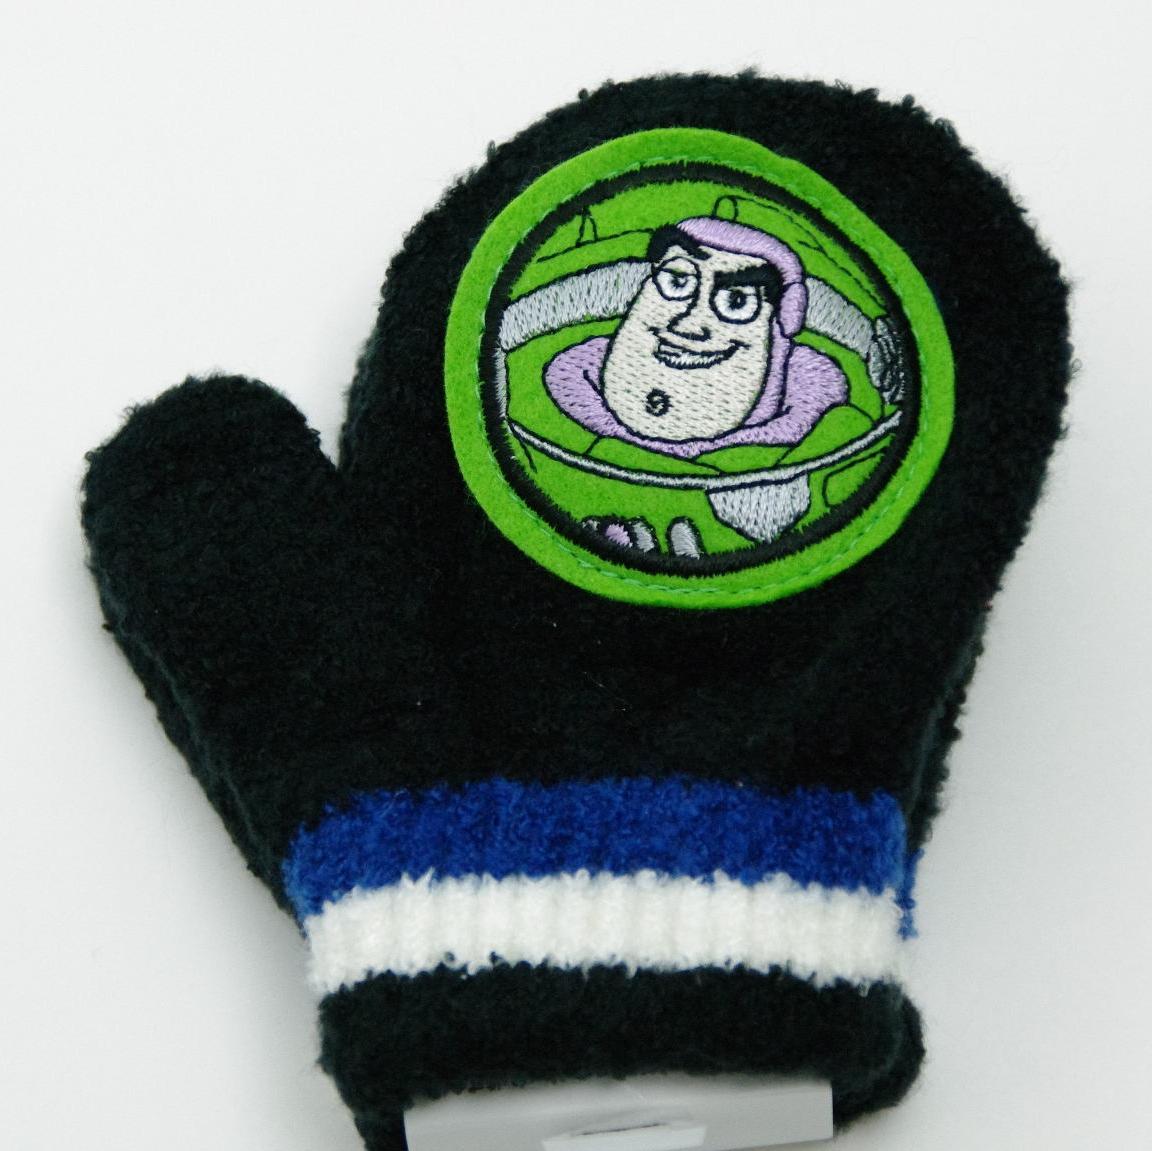 ディズニー トイストーリ 笛付き ミトン手袋 ブラック(L126876)